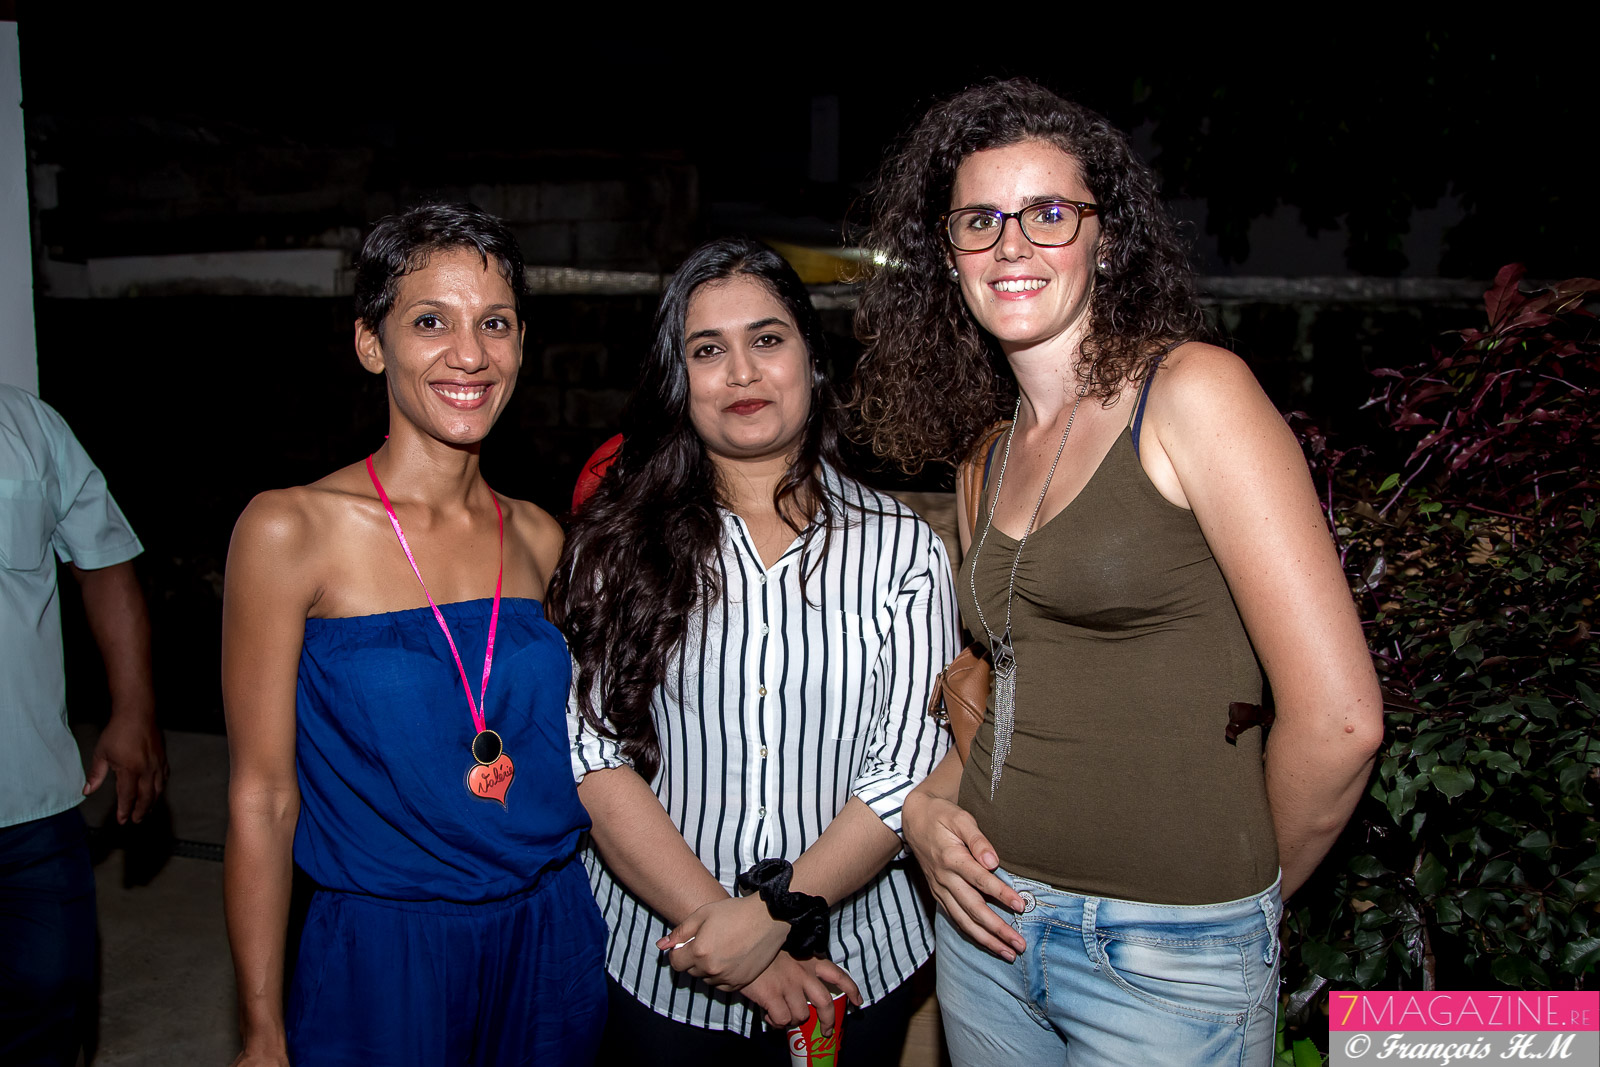 Valérie Clain-Hoareau, psychologue,  Vandana Ramaco, stagiaire en psychologie, et Emilie Nénot : psychologue clinicienne de l'ARAR